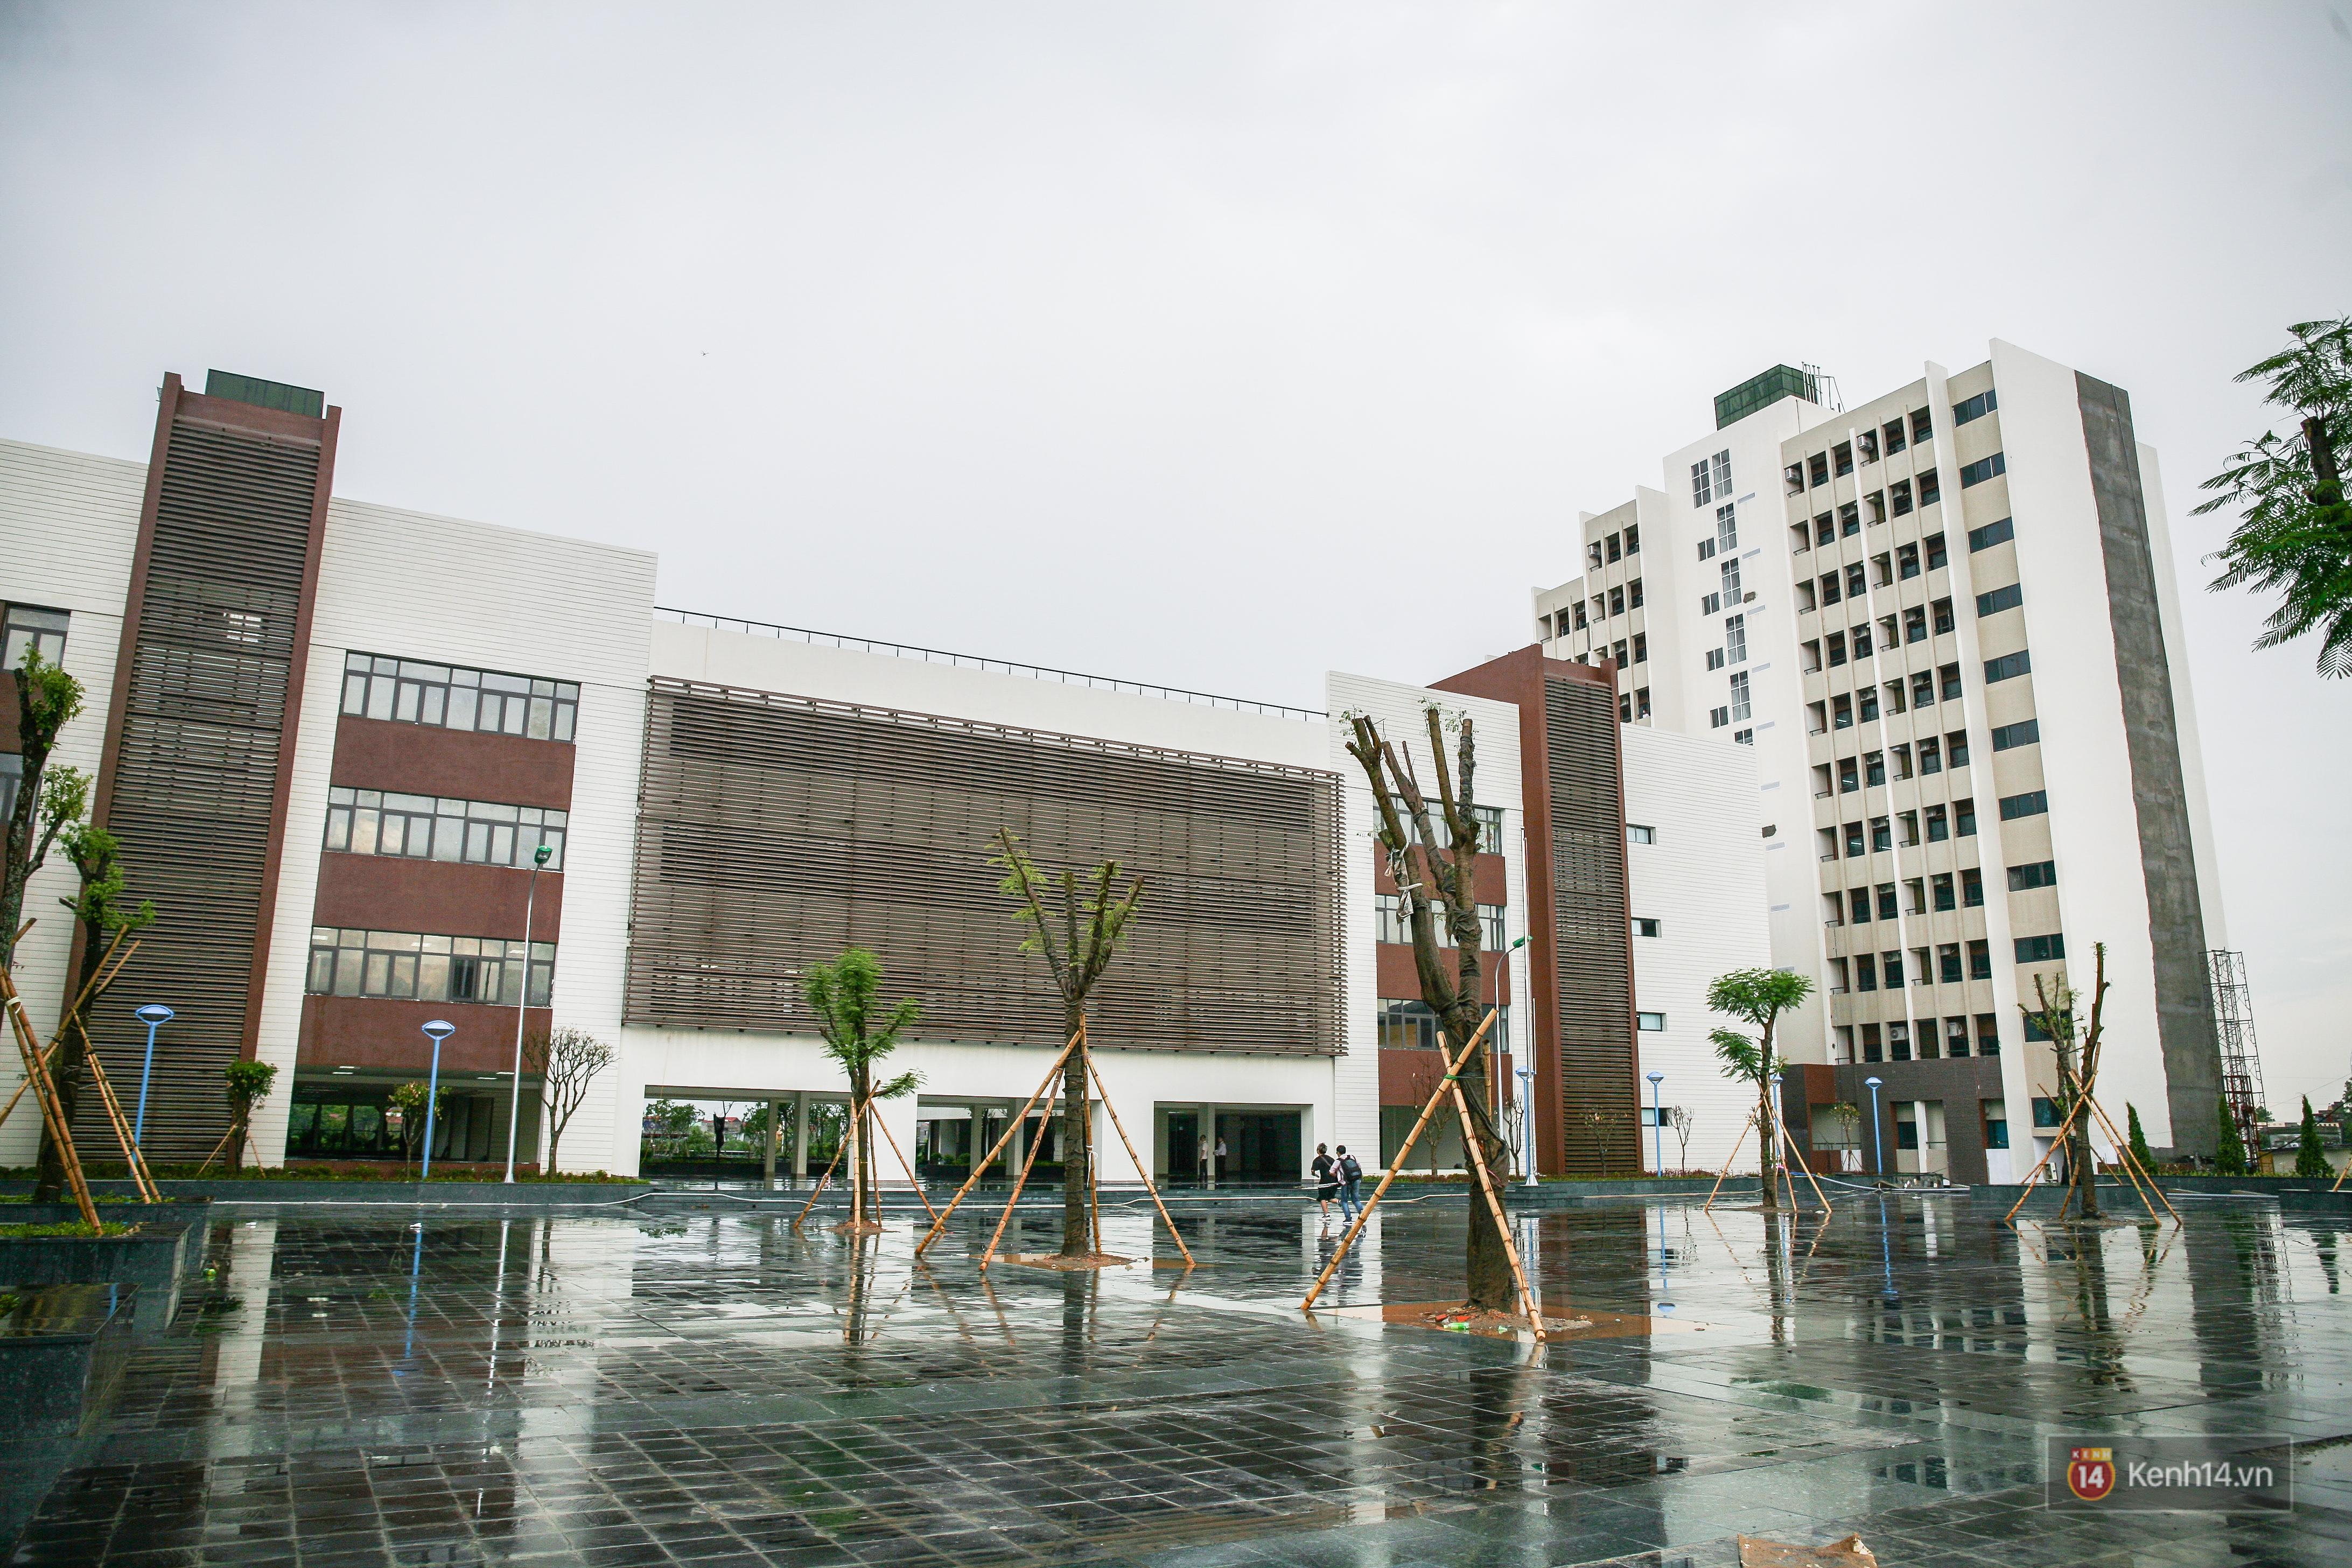 Cận cảnh ngôi trường chuyên 600 tỉ của Bắc Ninh: Đẹp, sang và Tây hết nấc! - Ảnh 7.